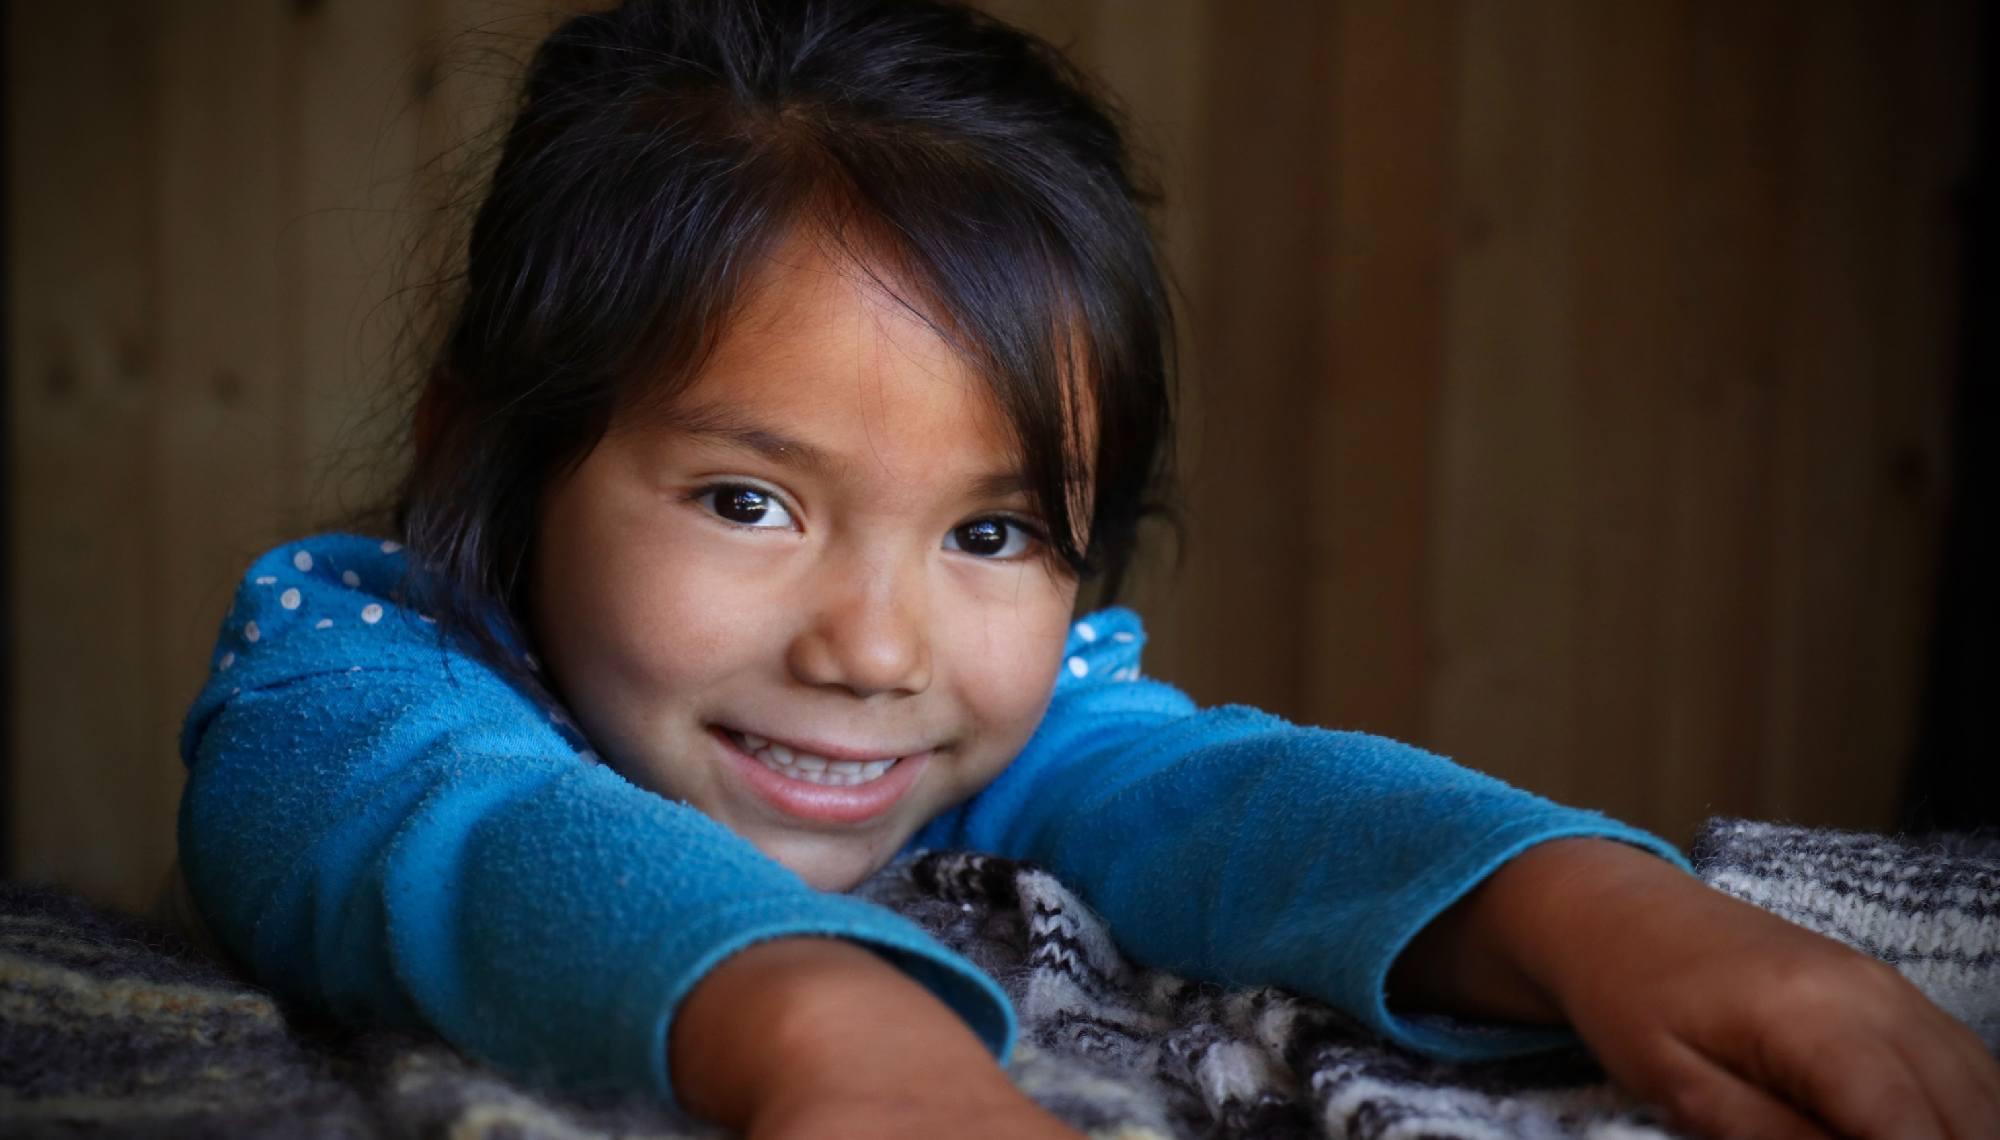 niña con dificultades auditivas en la india